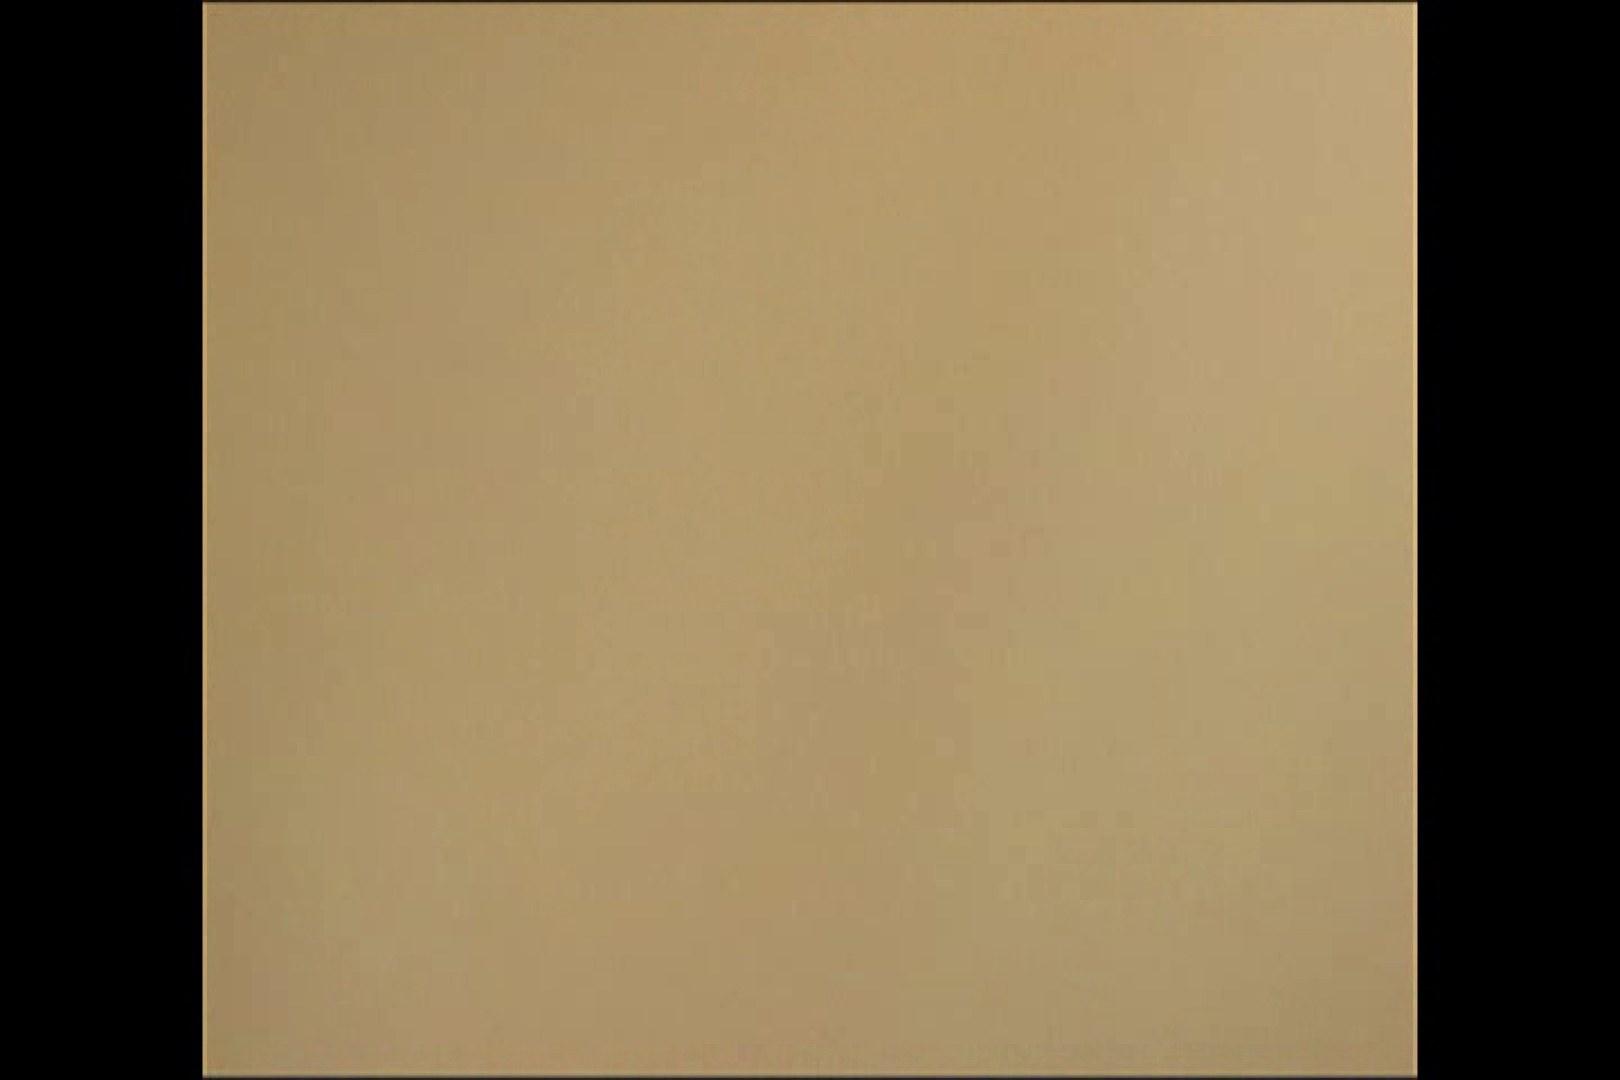 マンコ丸見え女子洗面所Vol.13 丸見え AV無料動画キャプチャ 90連発 65